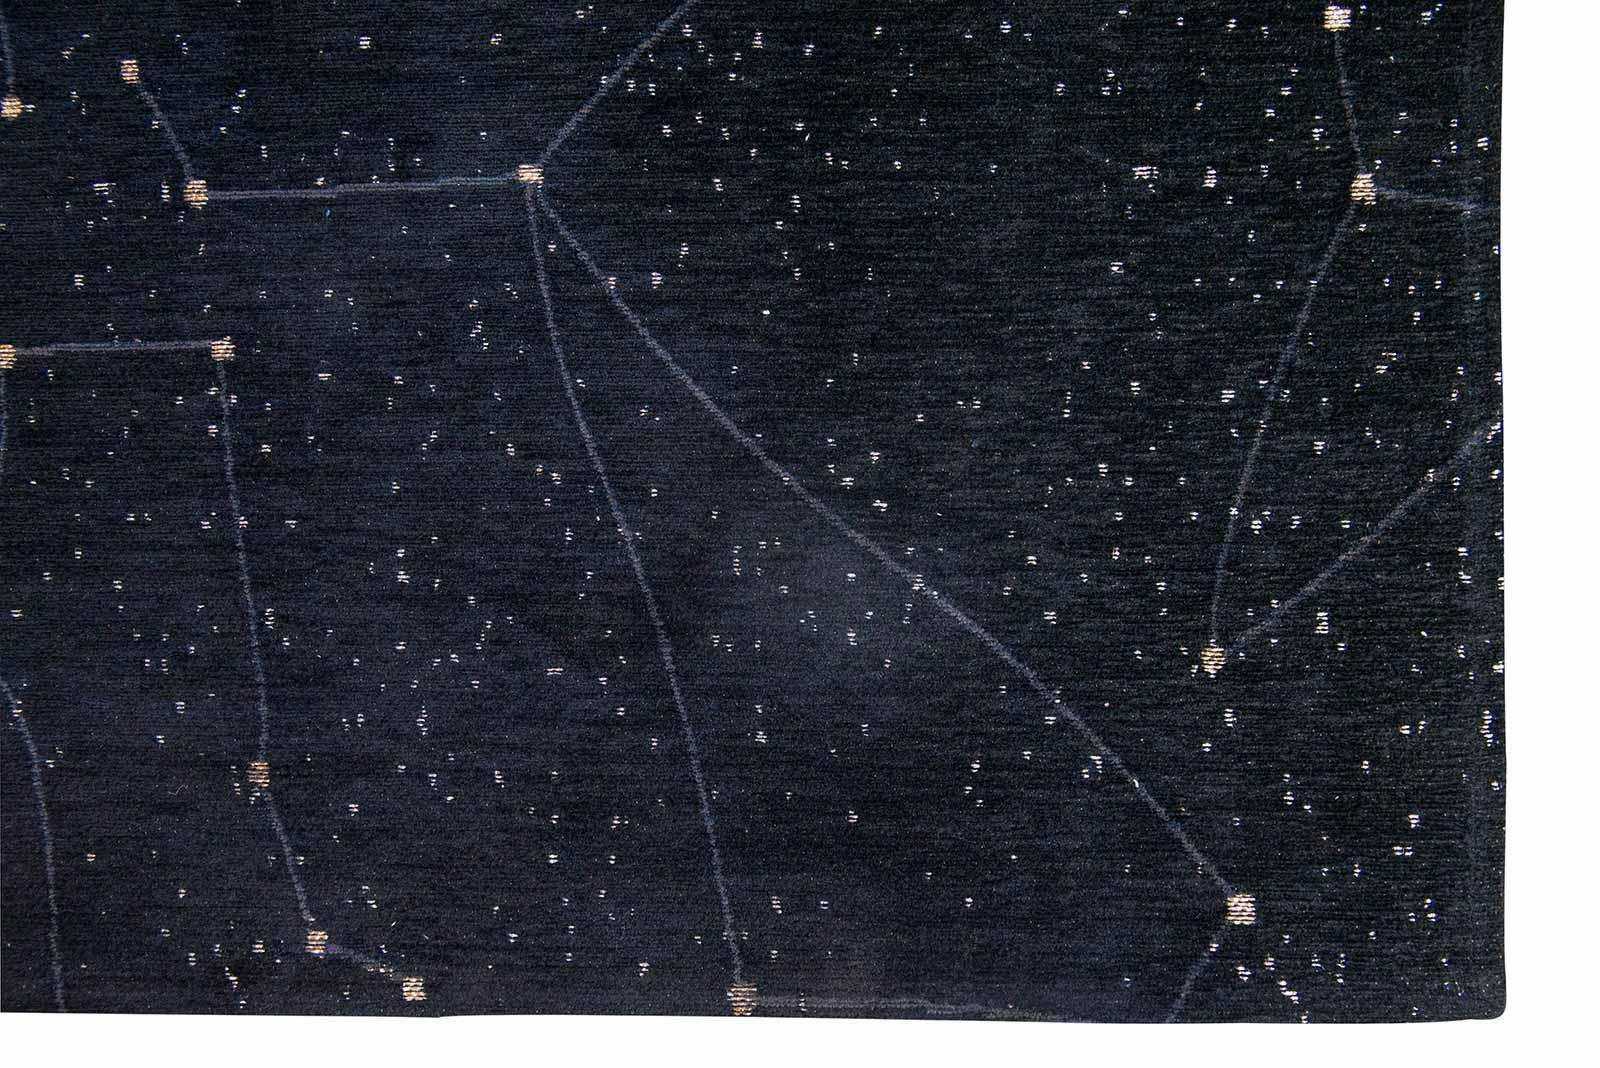 Louis De Poortere vloerkleed Fischbacher 9059 Celestial Night Sky corner